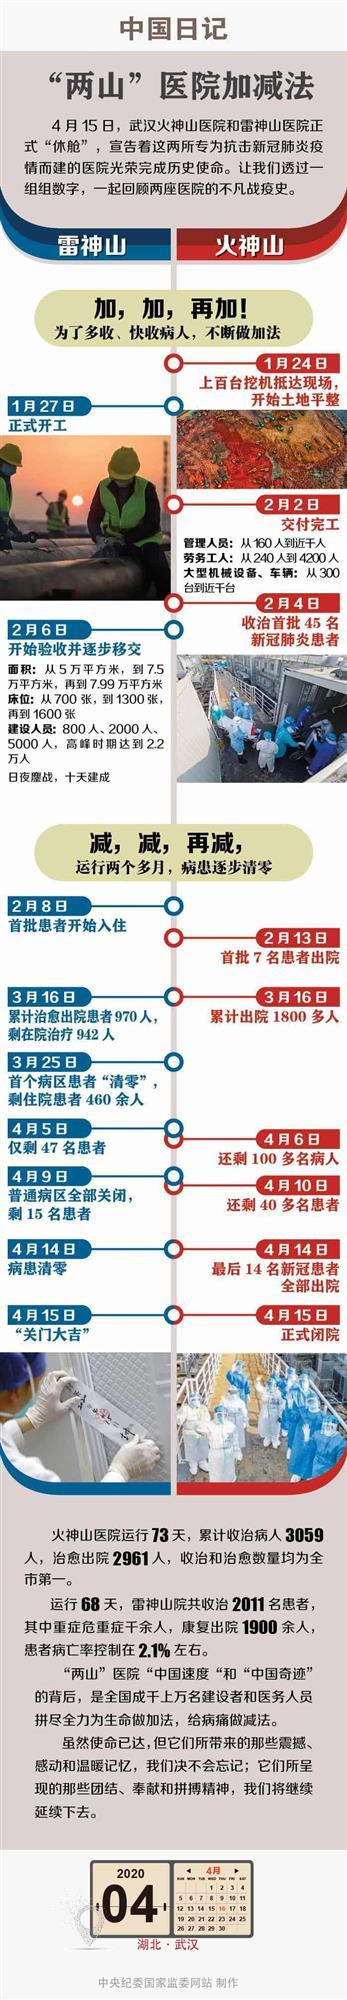 摩天登录,中国日记4月1摩天登录6日|图片